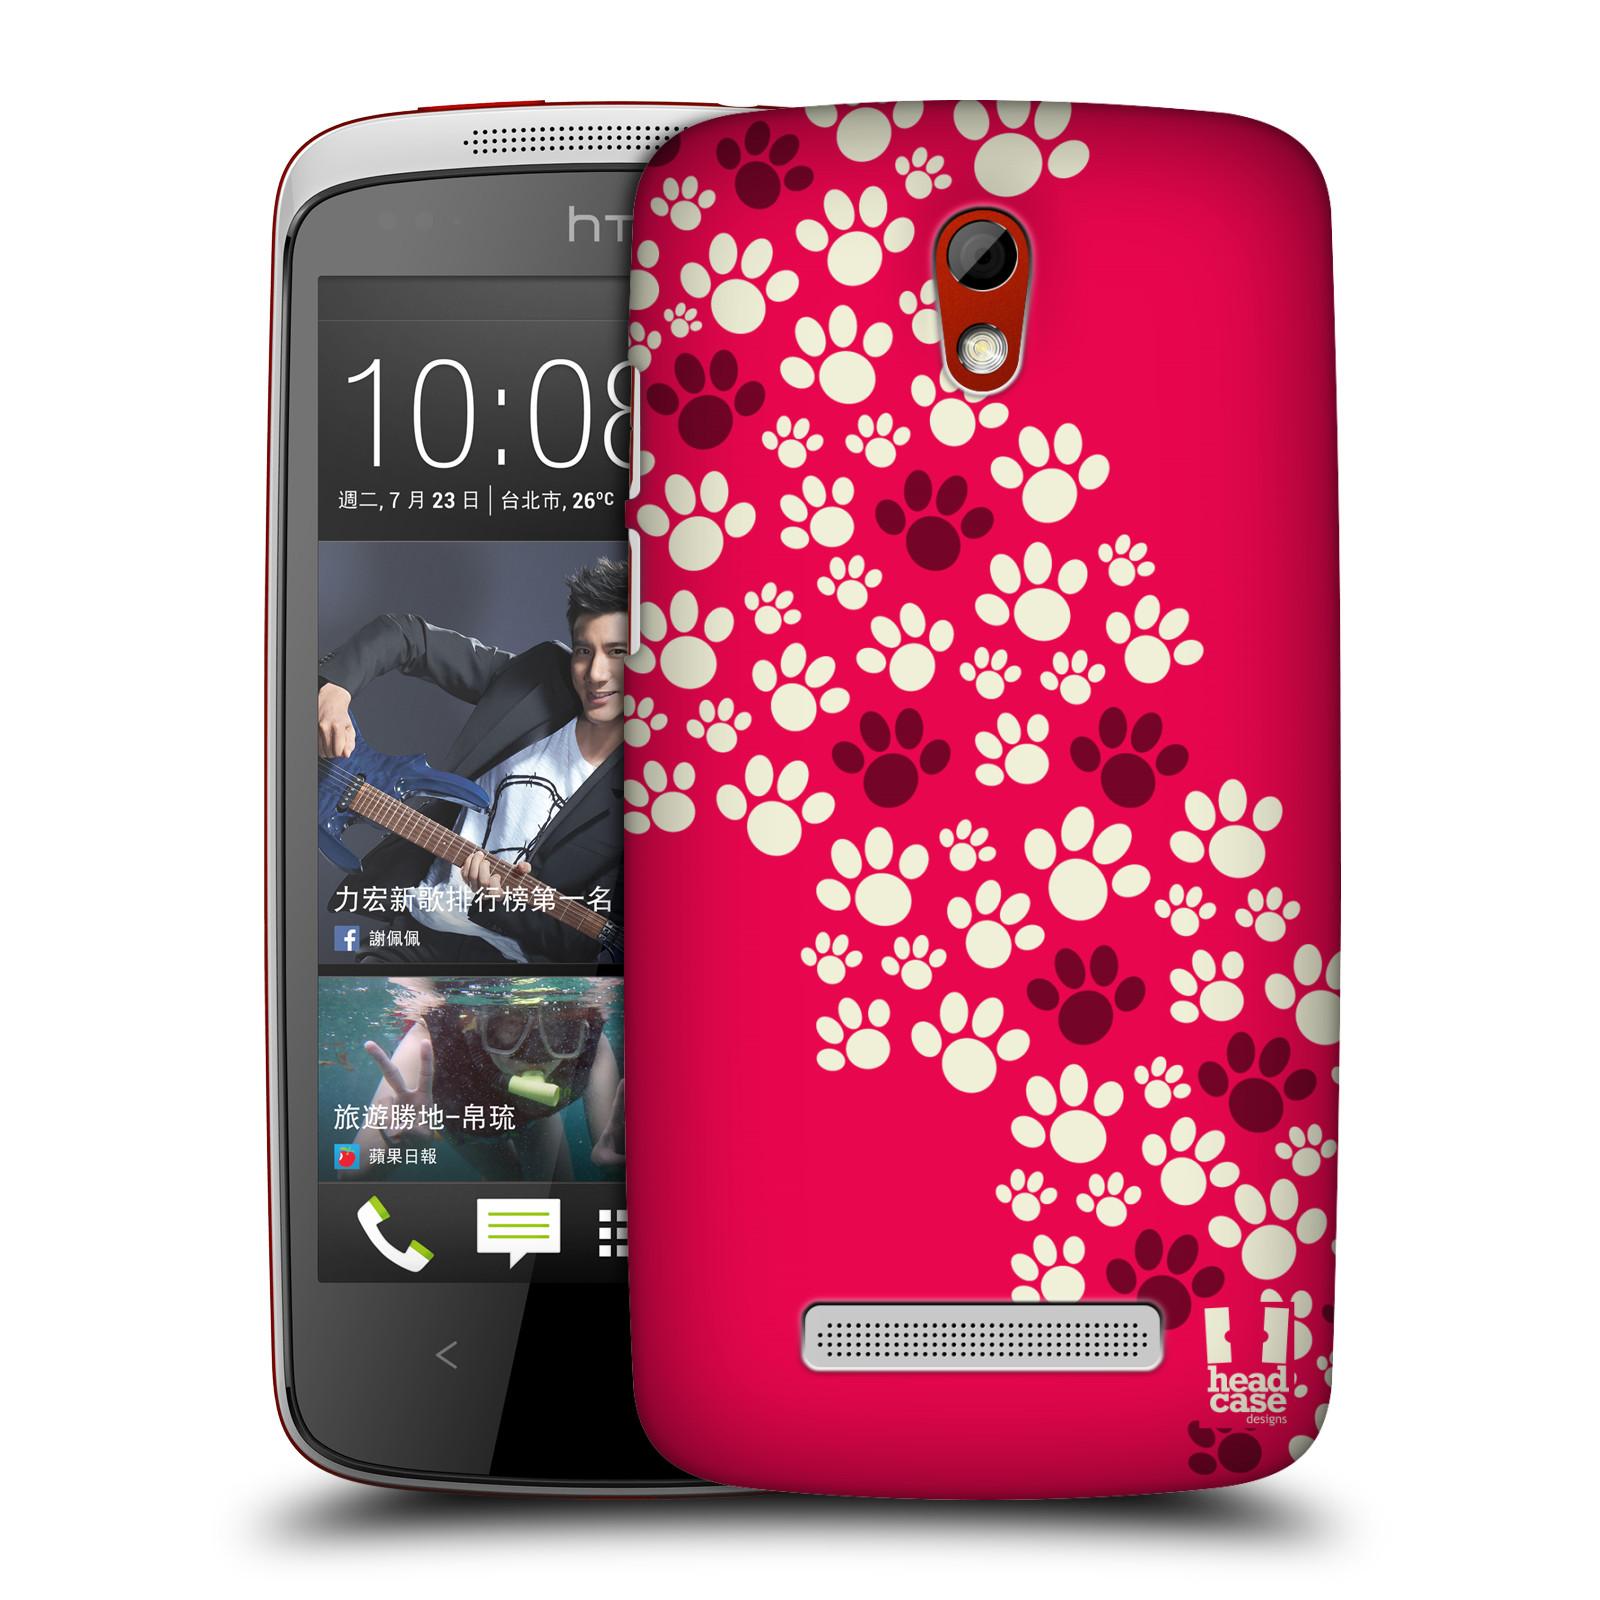 Plastové pouzdro na mobil HTC Desire 500 HEAD CASE TLAPKY RŮŽOVÉ (Kryt či obal na mobilní telefon HTC Desire 500)